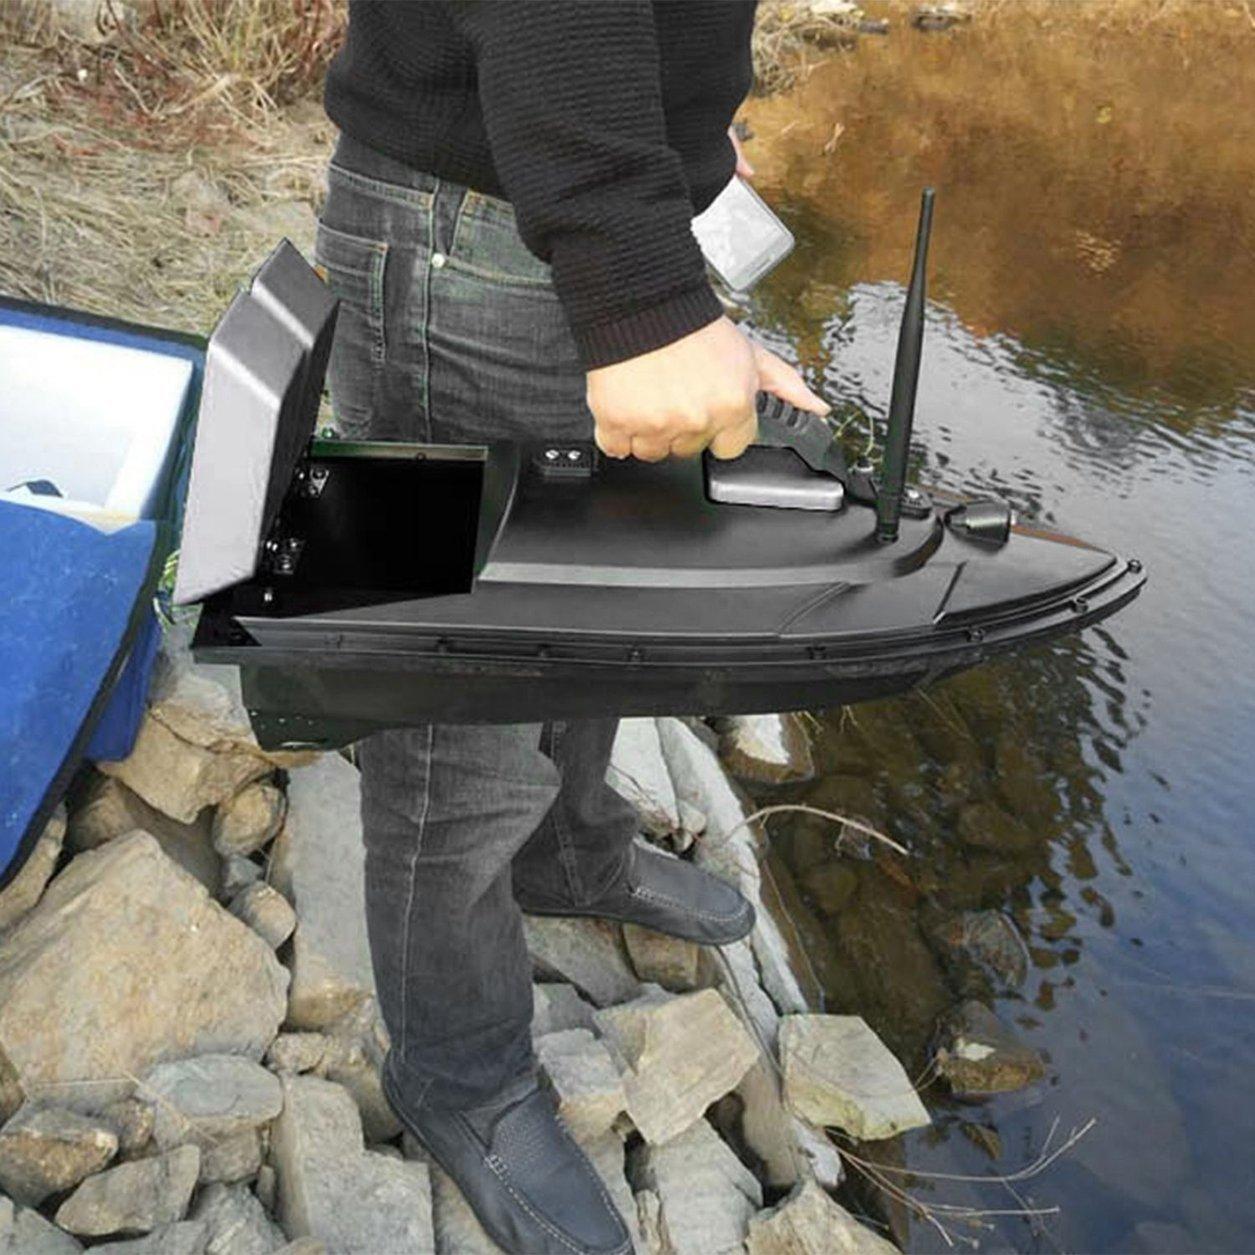 Dailyinshop Smart Fishing K/öder-Boot 500m Fernbedienung Fischfinder Boot 1.5kg Laden RC Boot Schiff Speedboat mit Doppel Motors